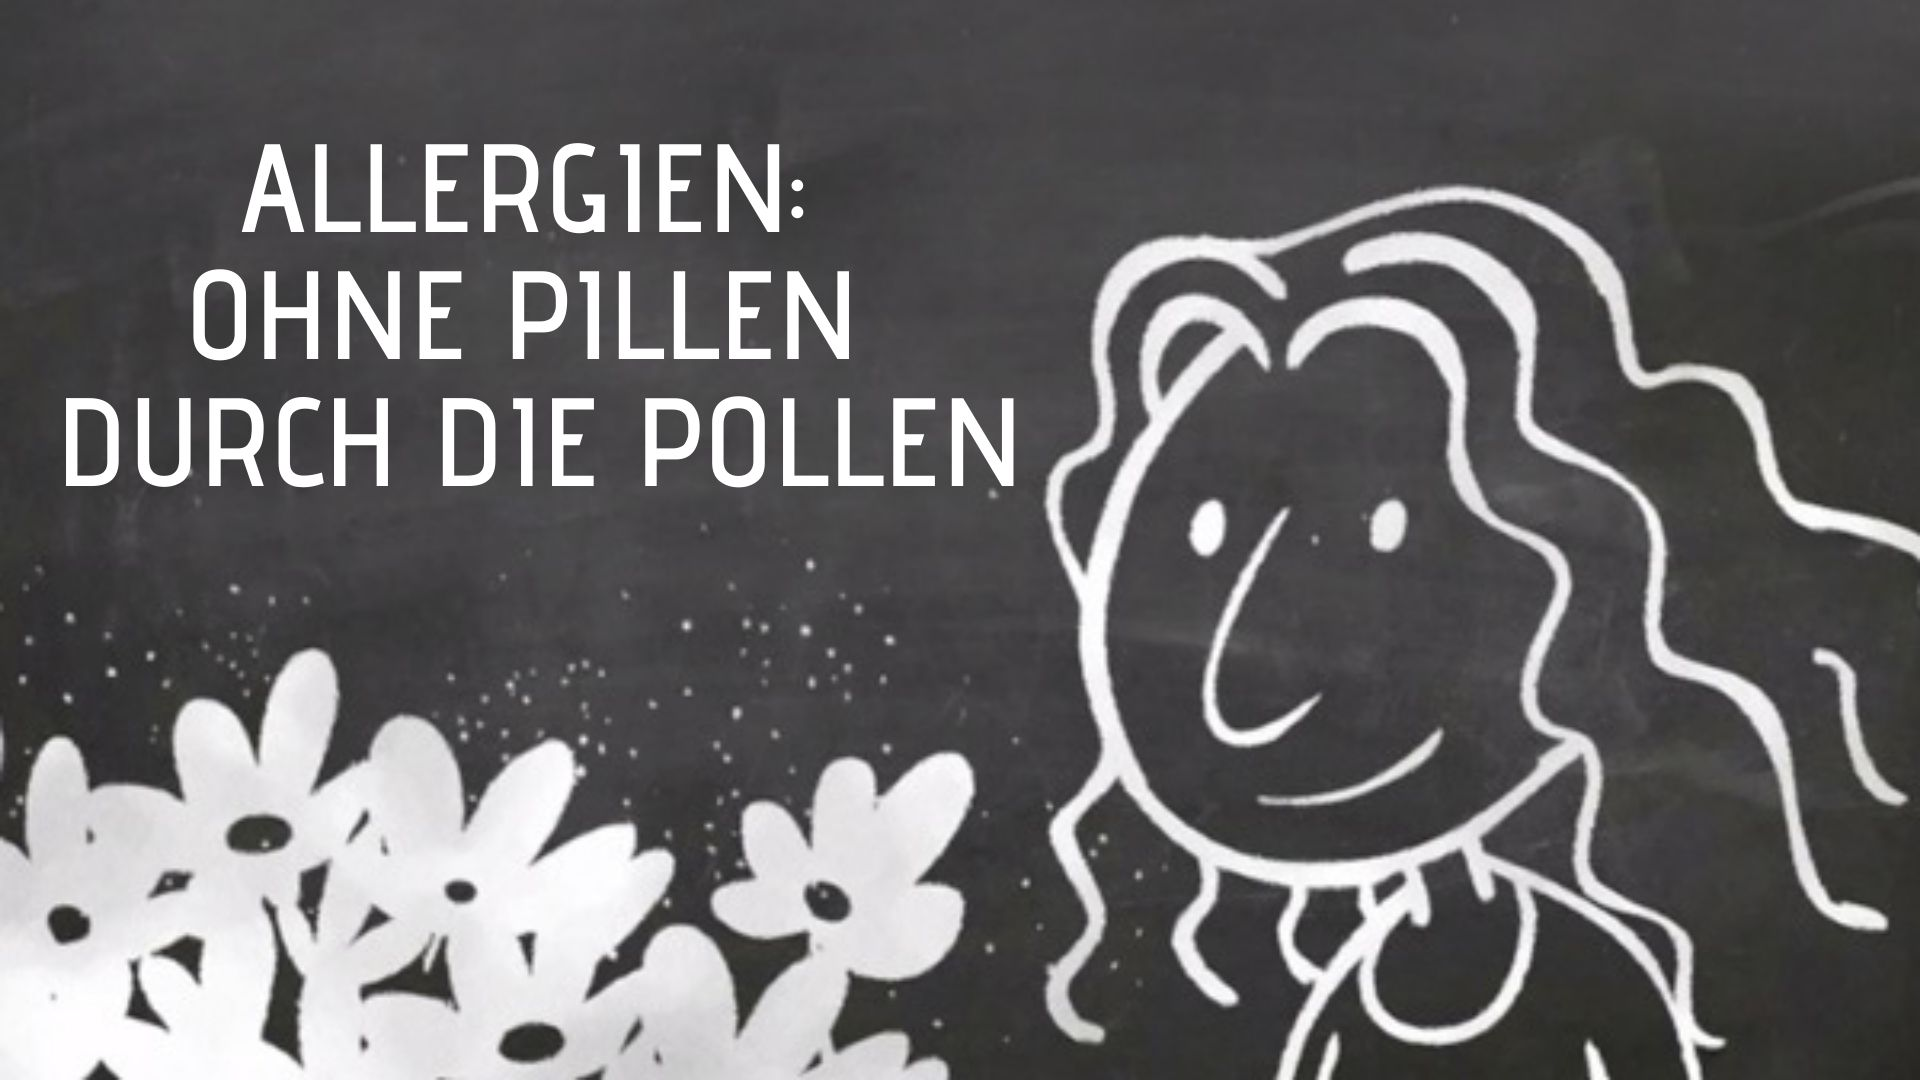 Allergien : Ohne Pillen durch die Pollen